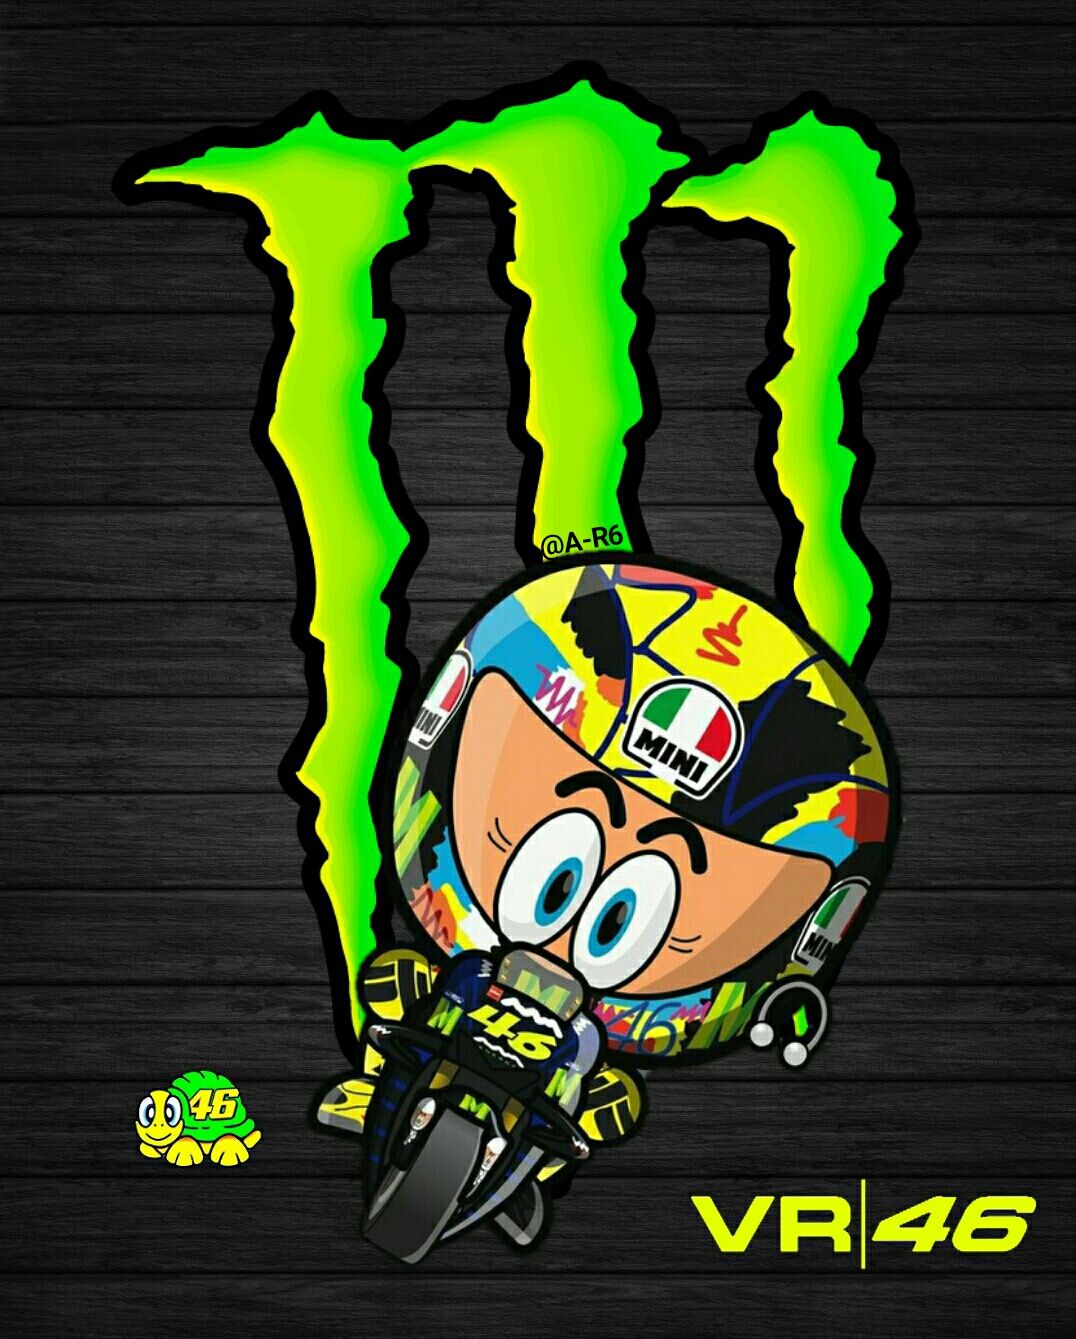 Valentino Rossi Minibikers 2019